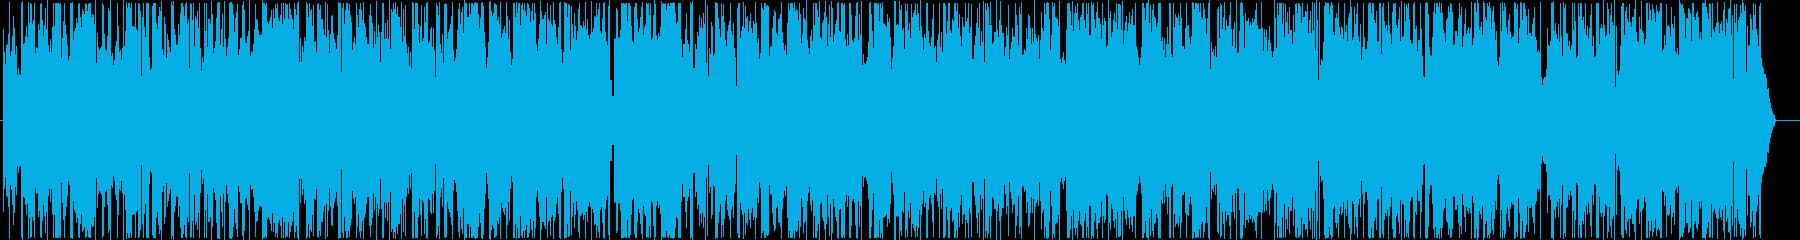 ラウンジで流れる大人のジャズバラードの再生済みの波形